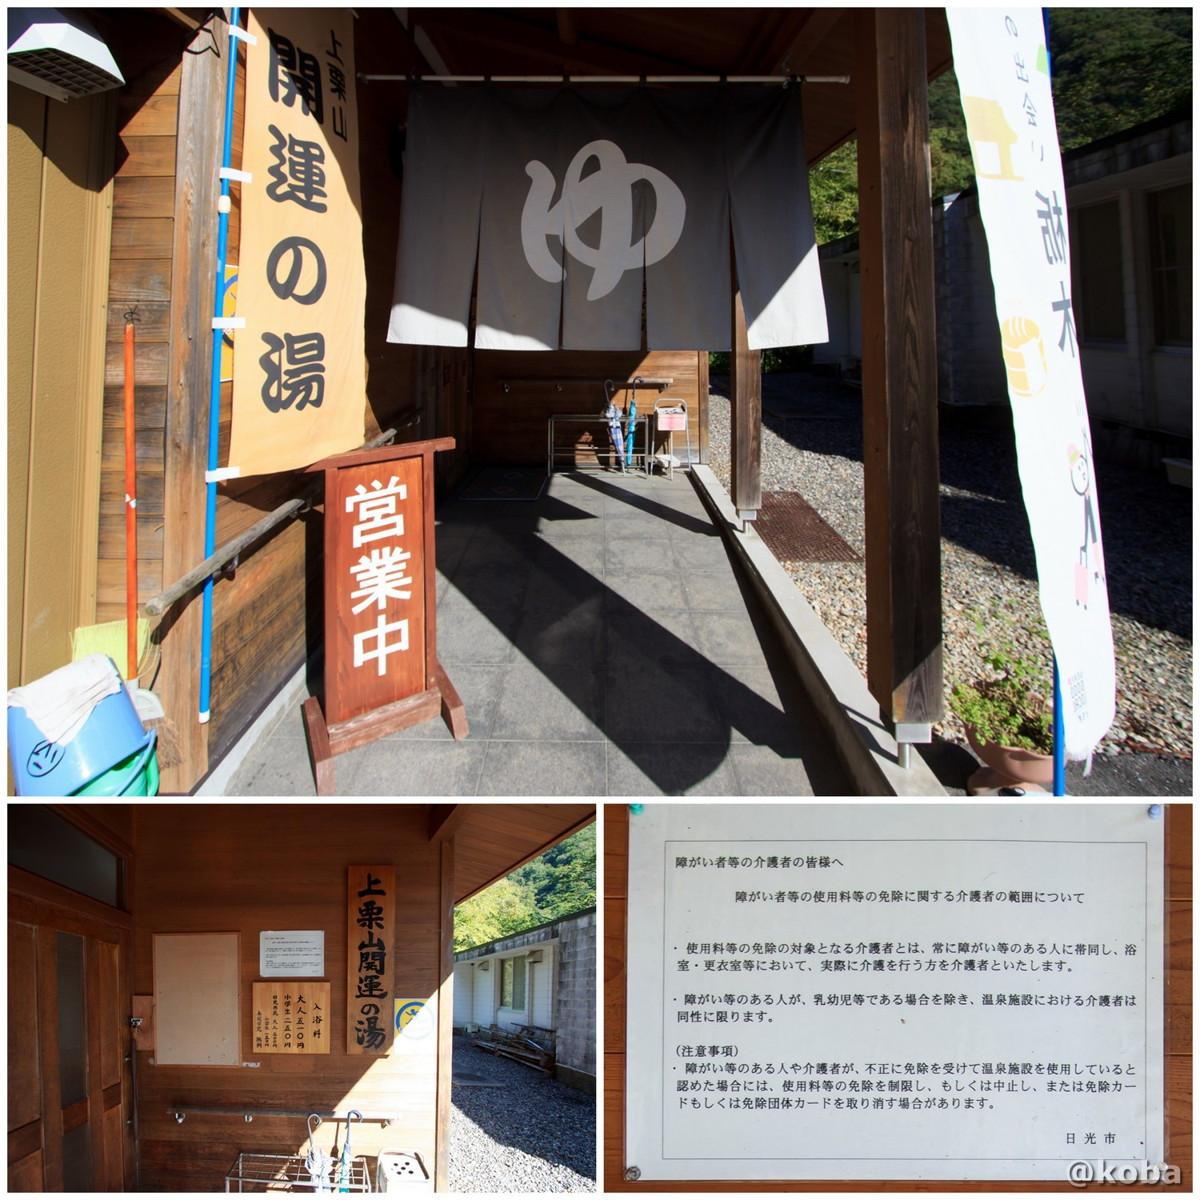 入り口 開運の湯(かいうんのゆ)日帰り入浴 栃木 日光 ブログ